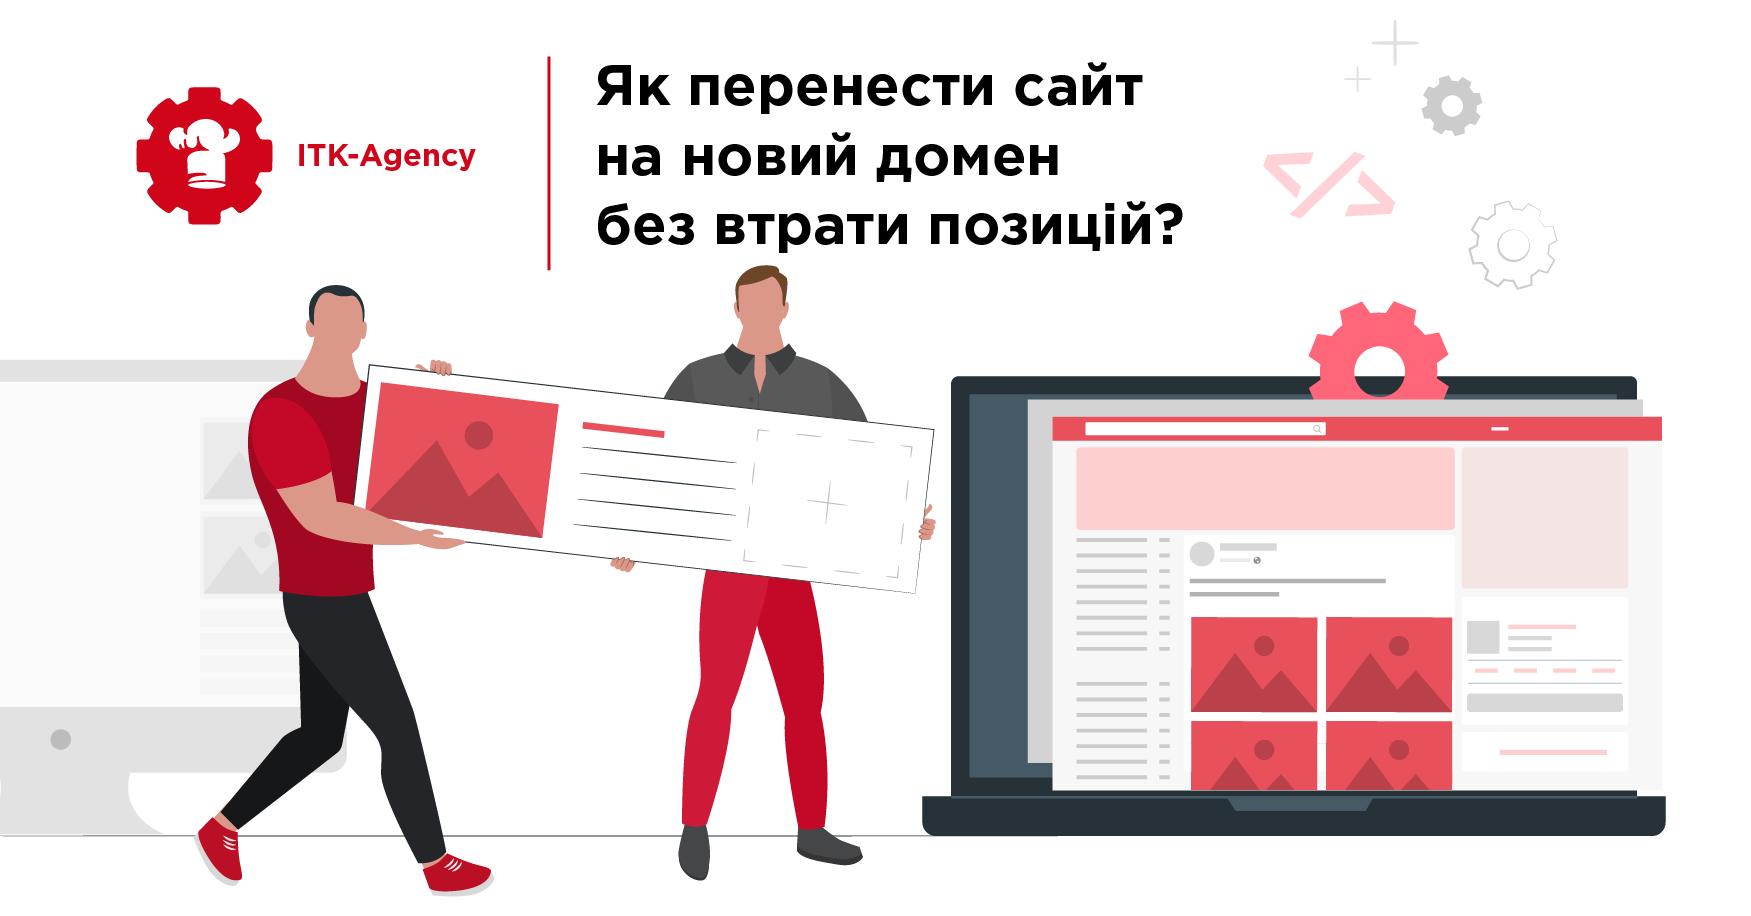 1 3 1 - Як перенести сайт на новий домен без втрати позицій?